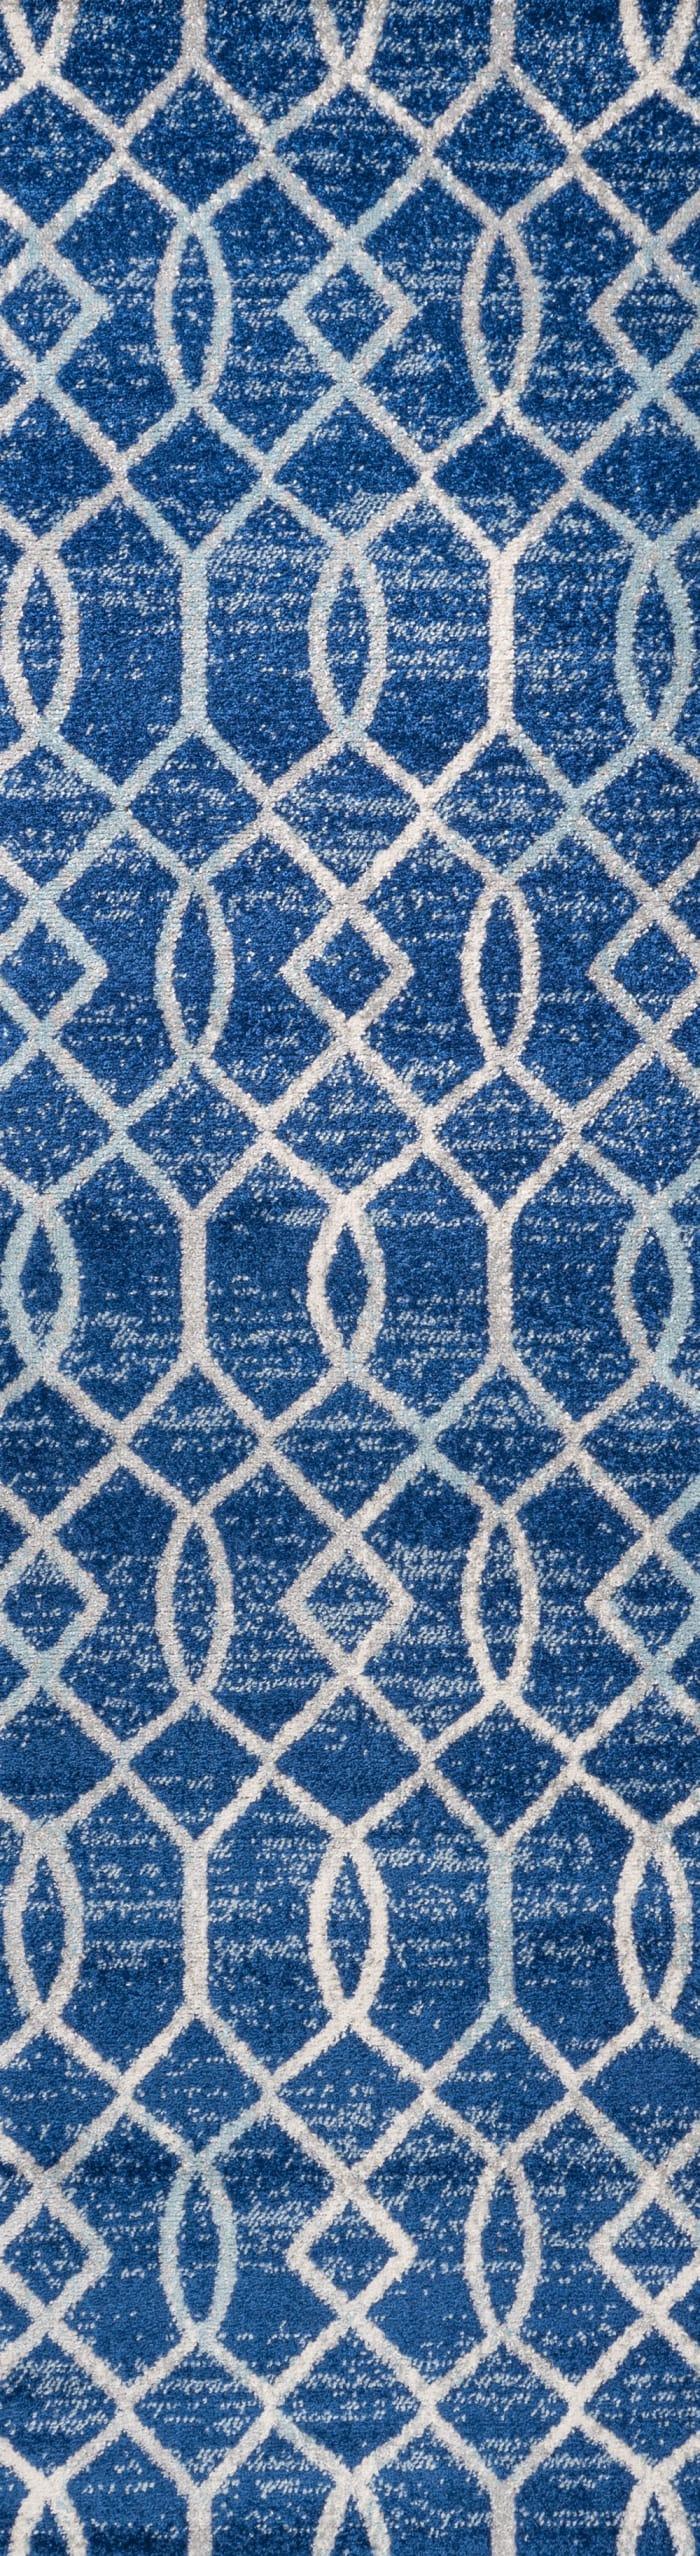 Ogee Fretwork Blue/Gray Runner Rug